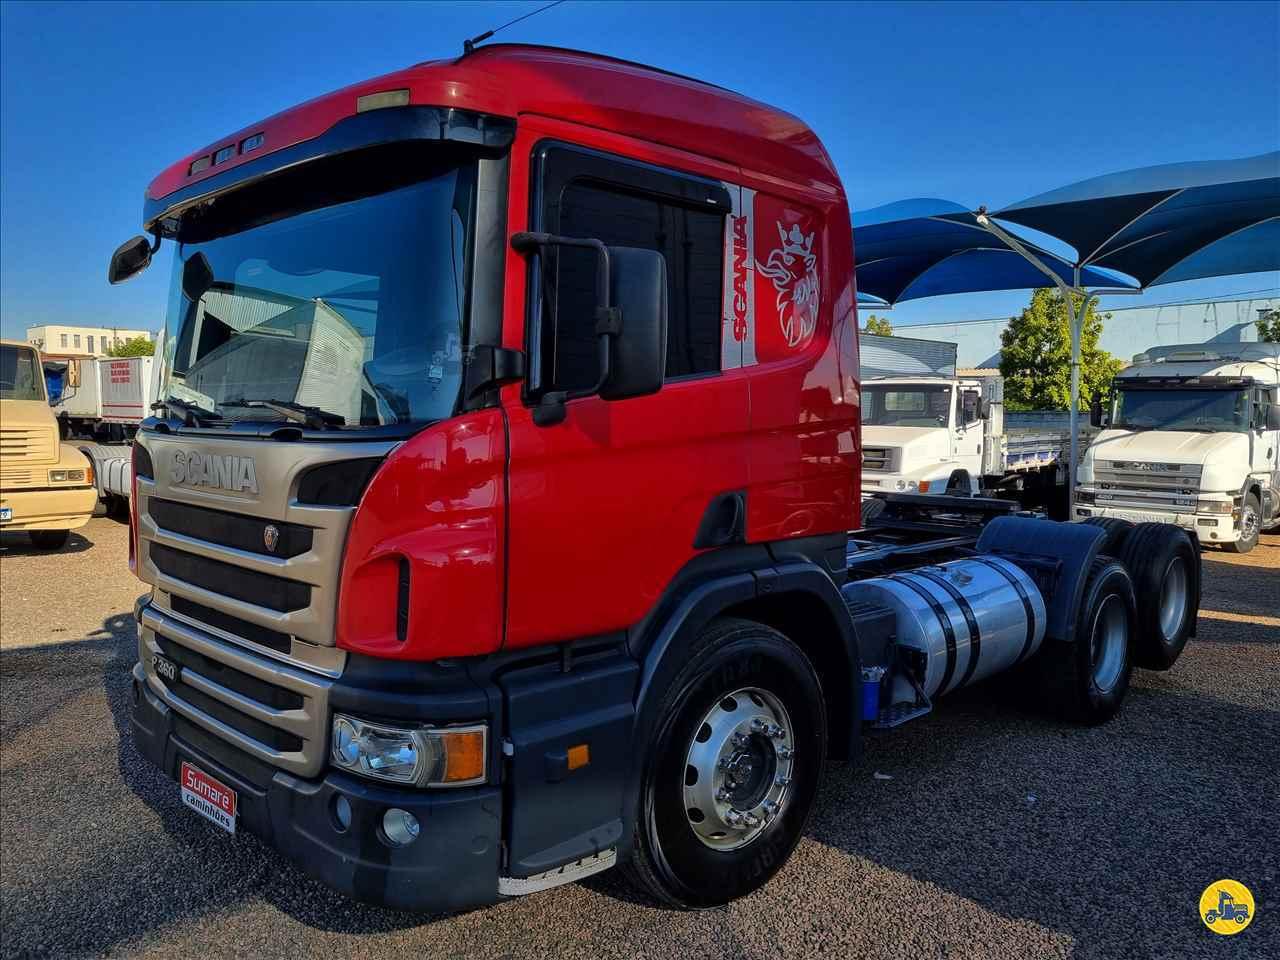 CAMINHAO SCANIA SCANIA P360 Cavalo Mecânico Truck 6x2 Sumaré Caminhões SUMARE SÃO PAULO SP